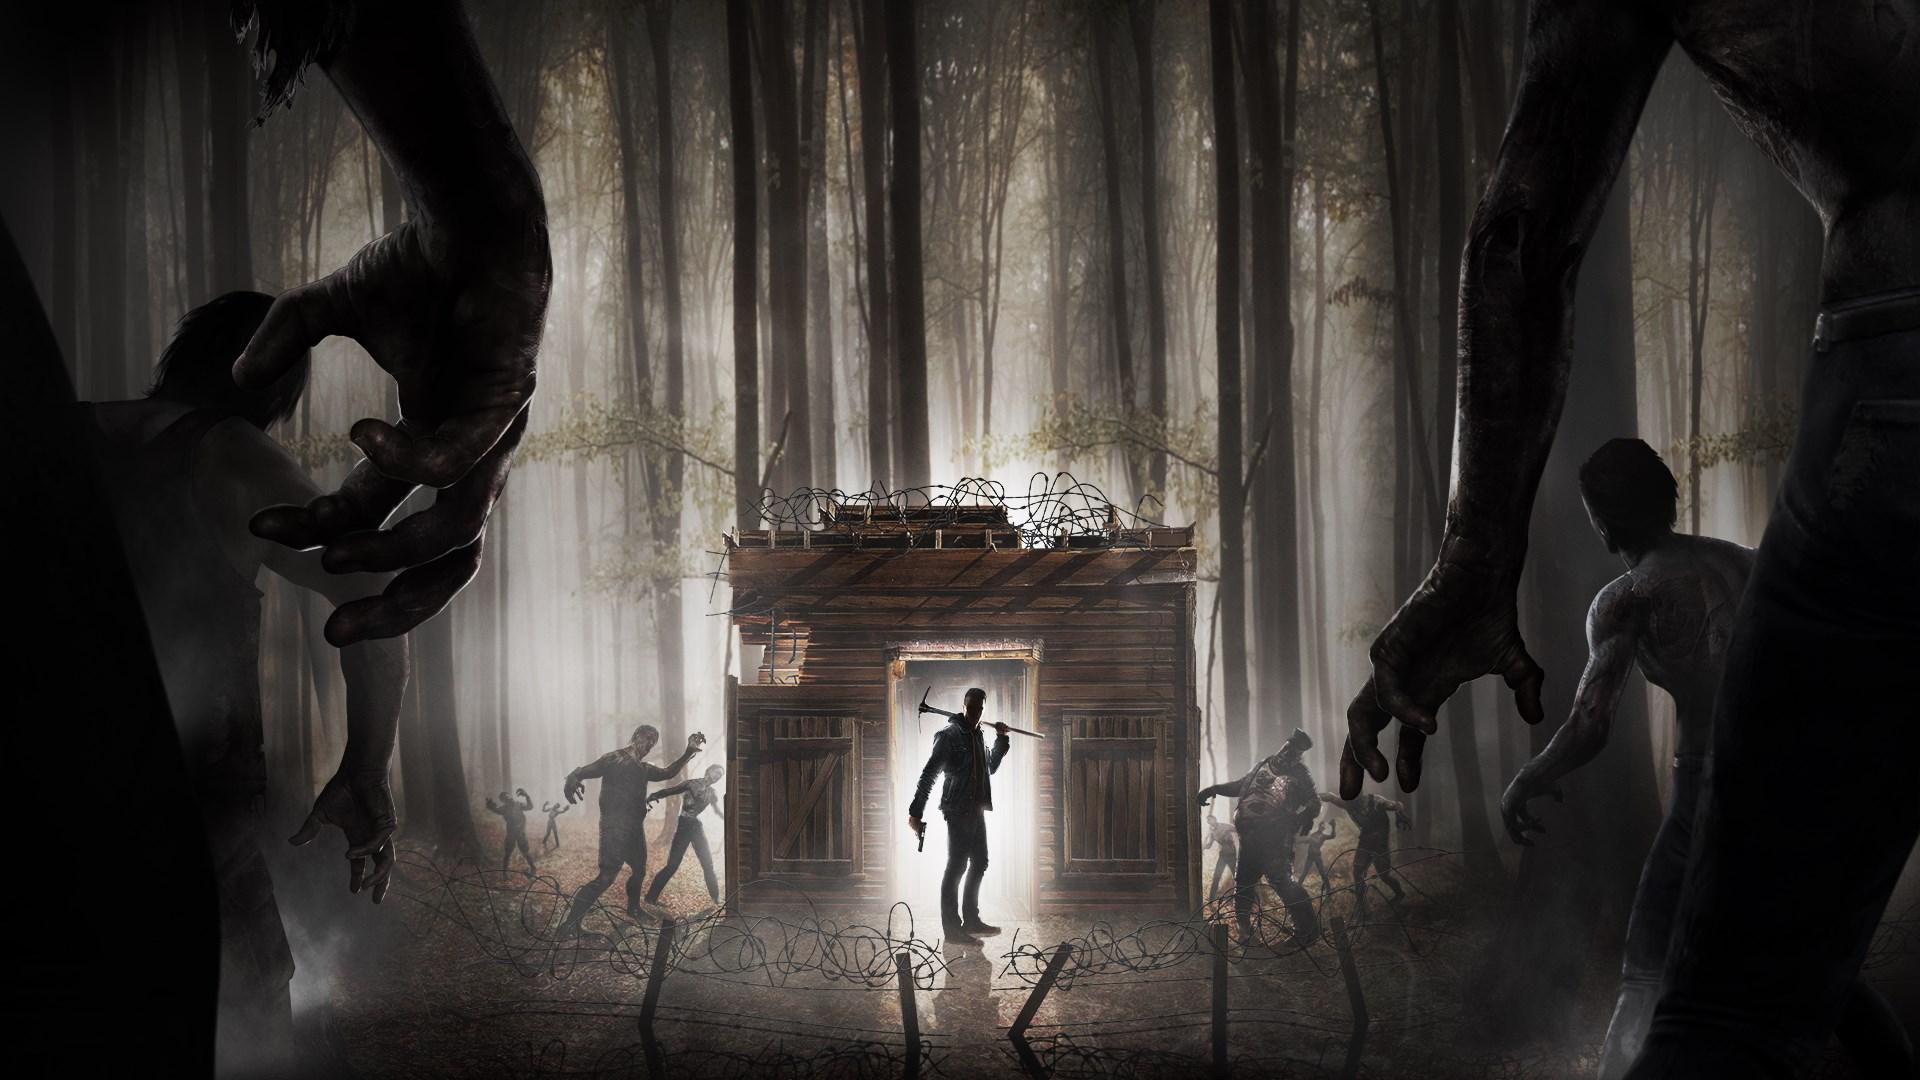 7 Days to Die - The Walking Dead Skin Pack Bundle